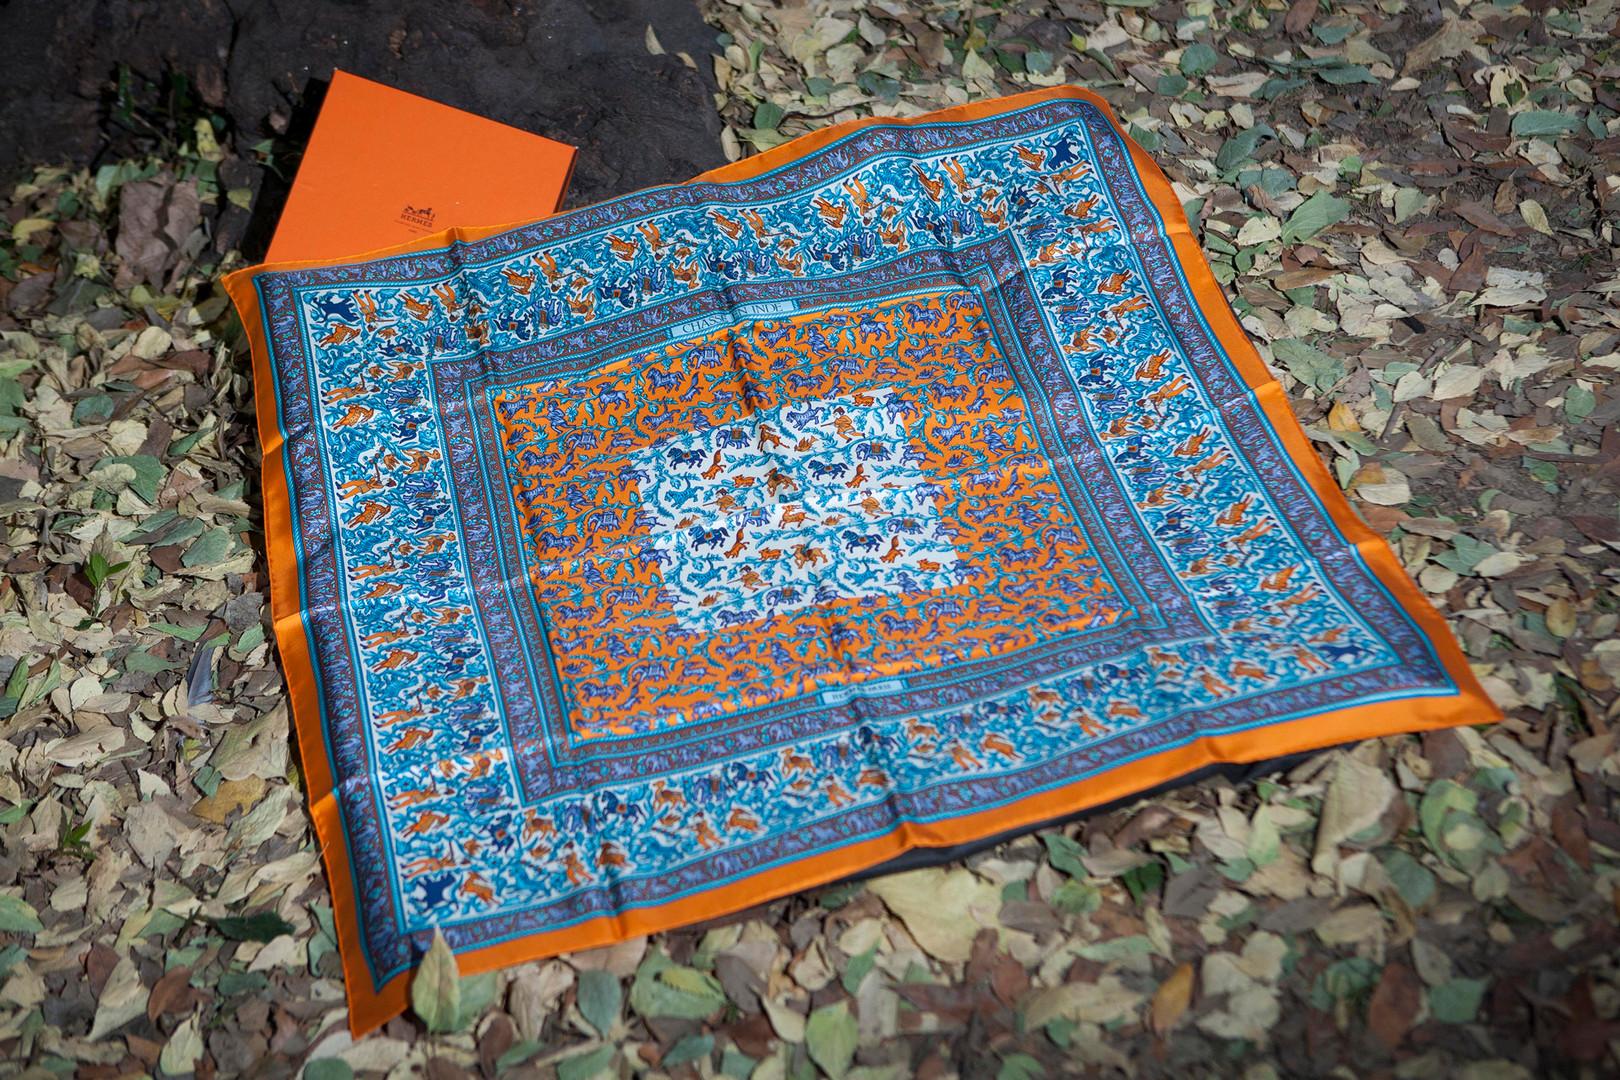 foulard_1.jpg